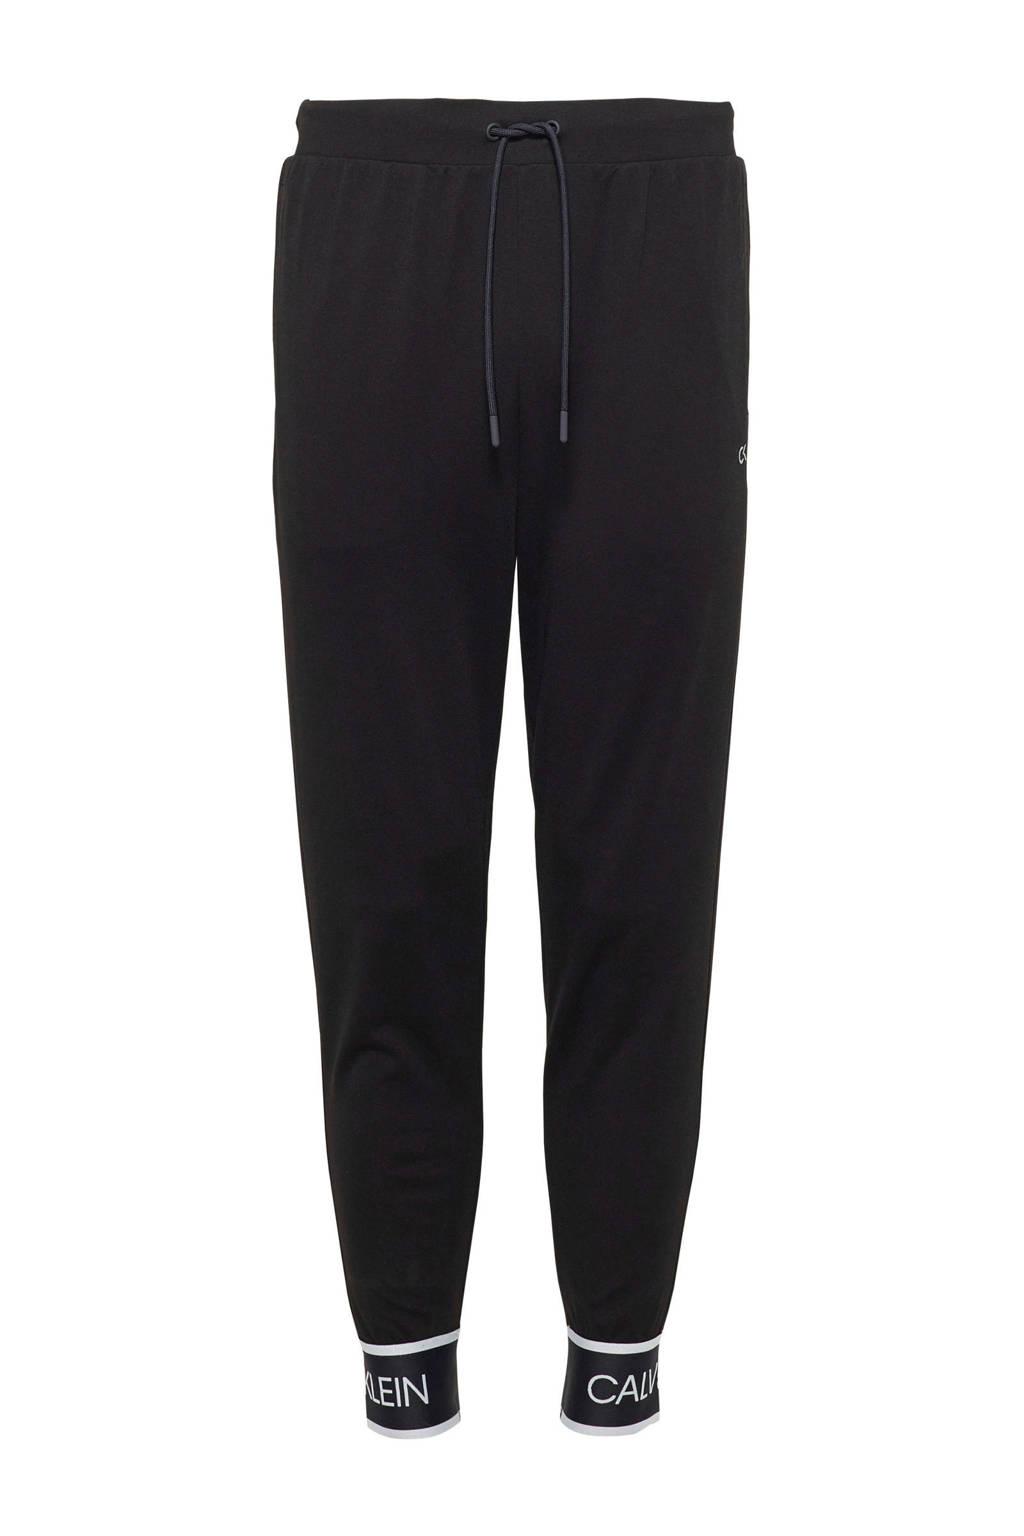 Calvin Klein   sportbroek zwart, Zwart